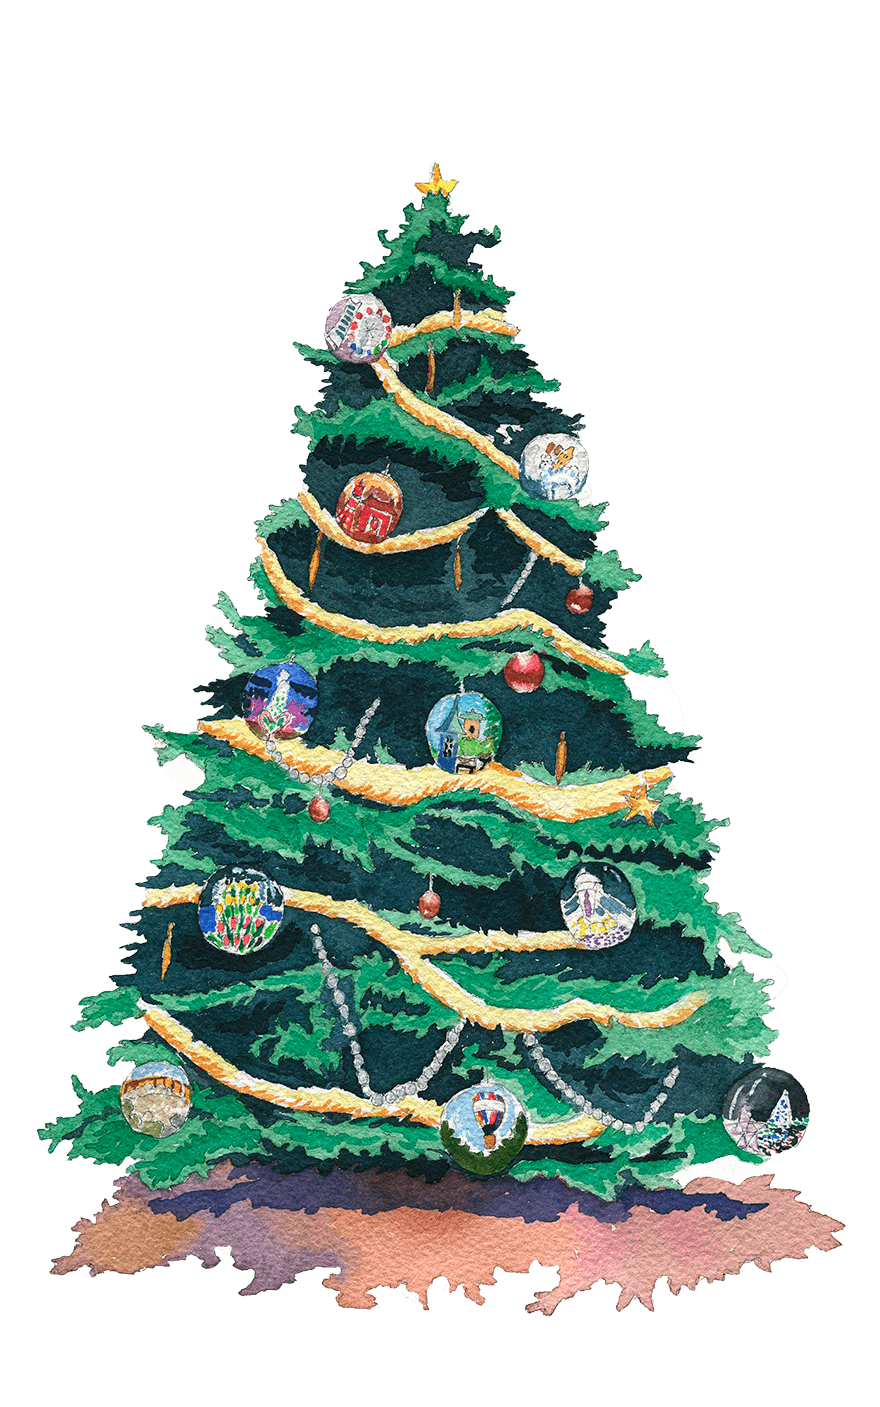 クリスマスのイメージイラスト